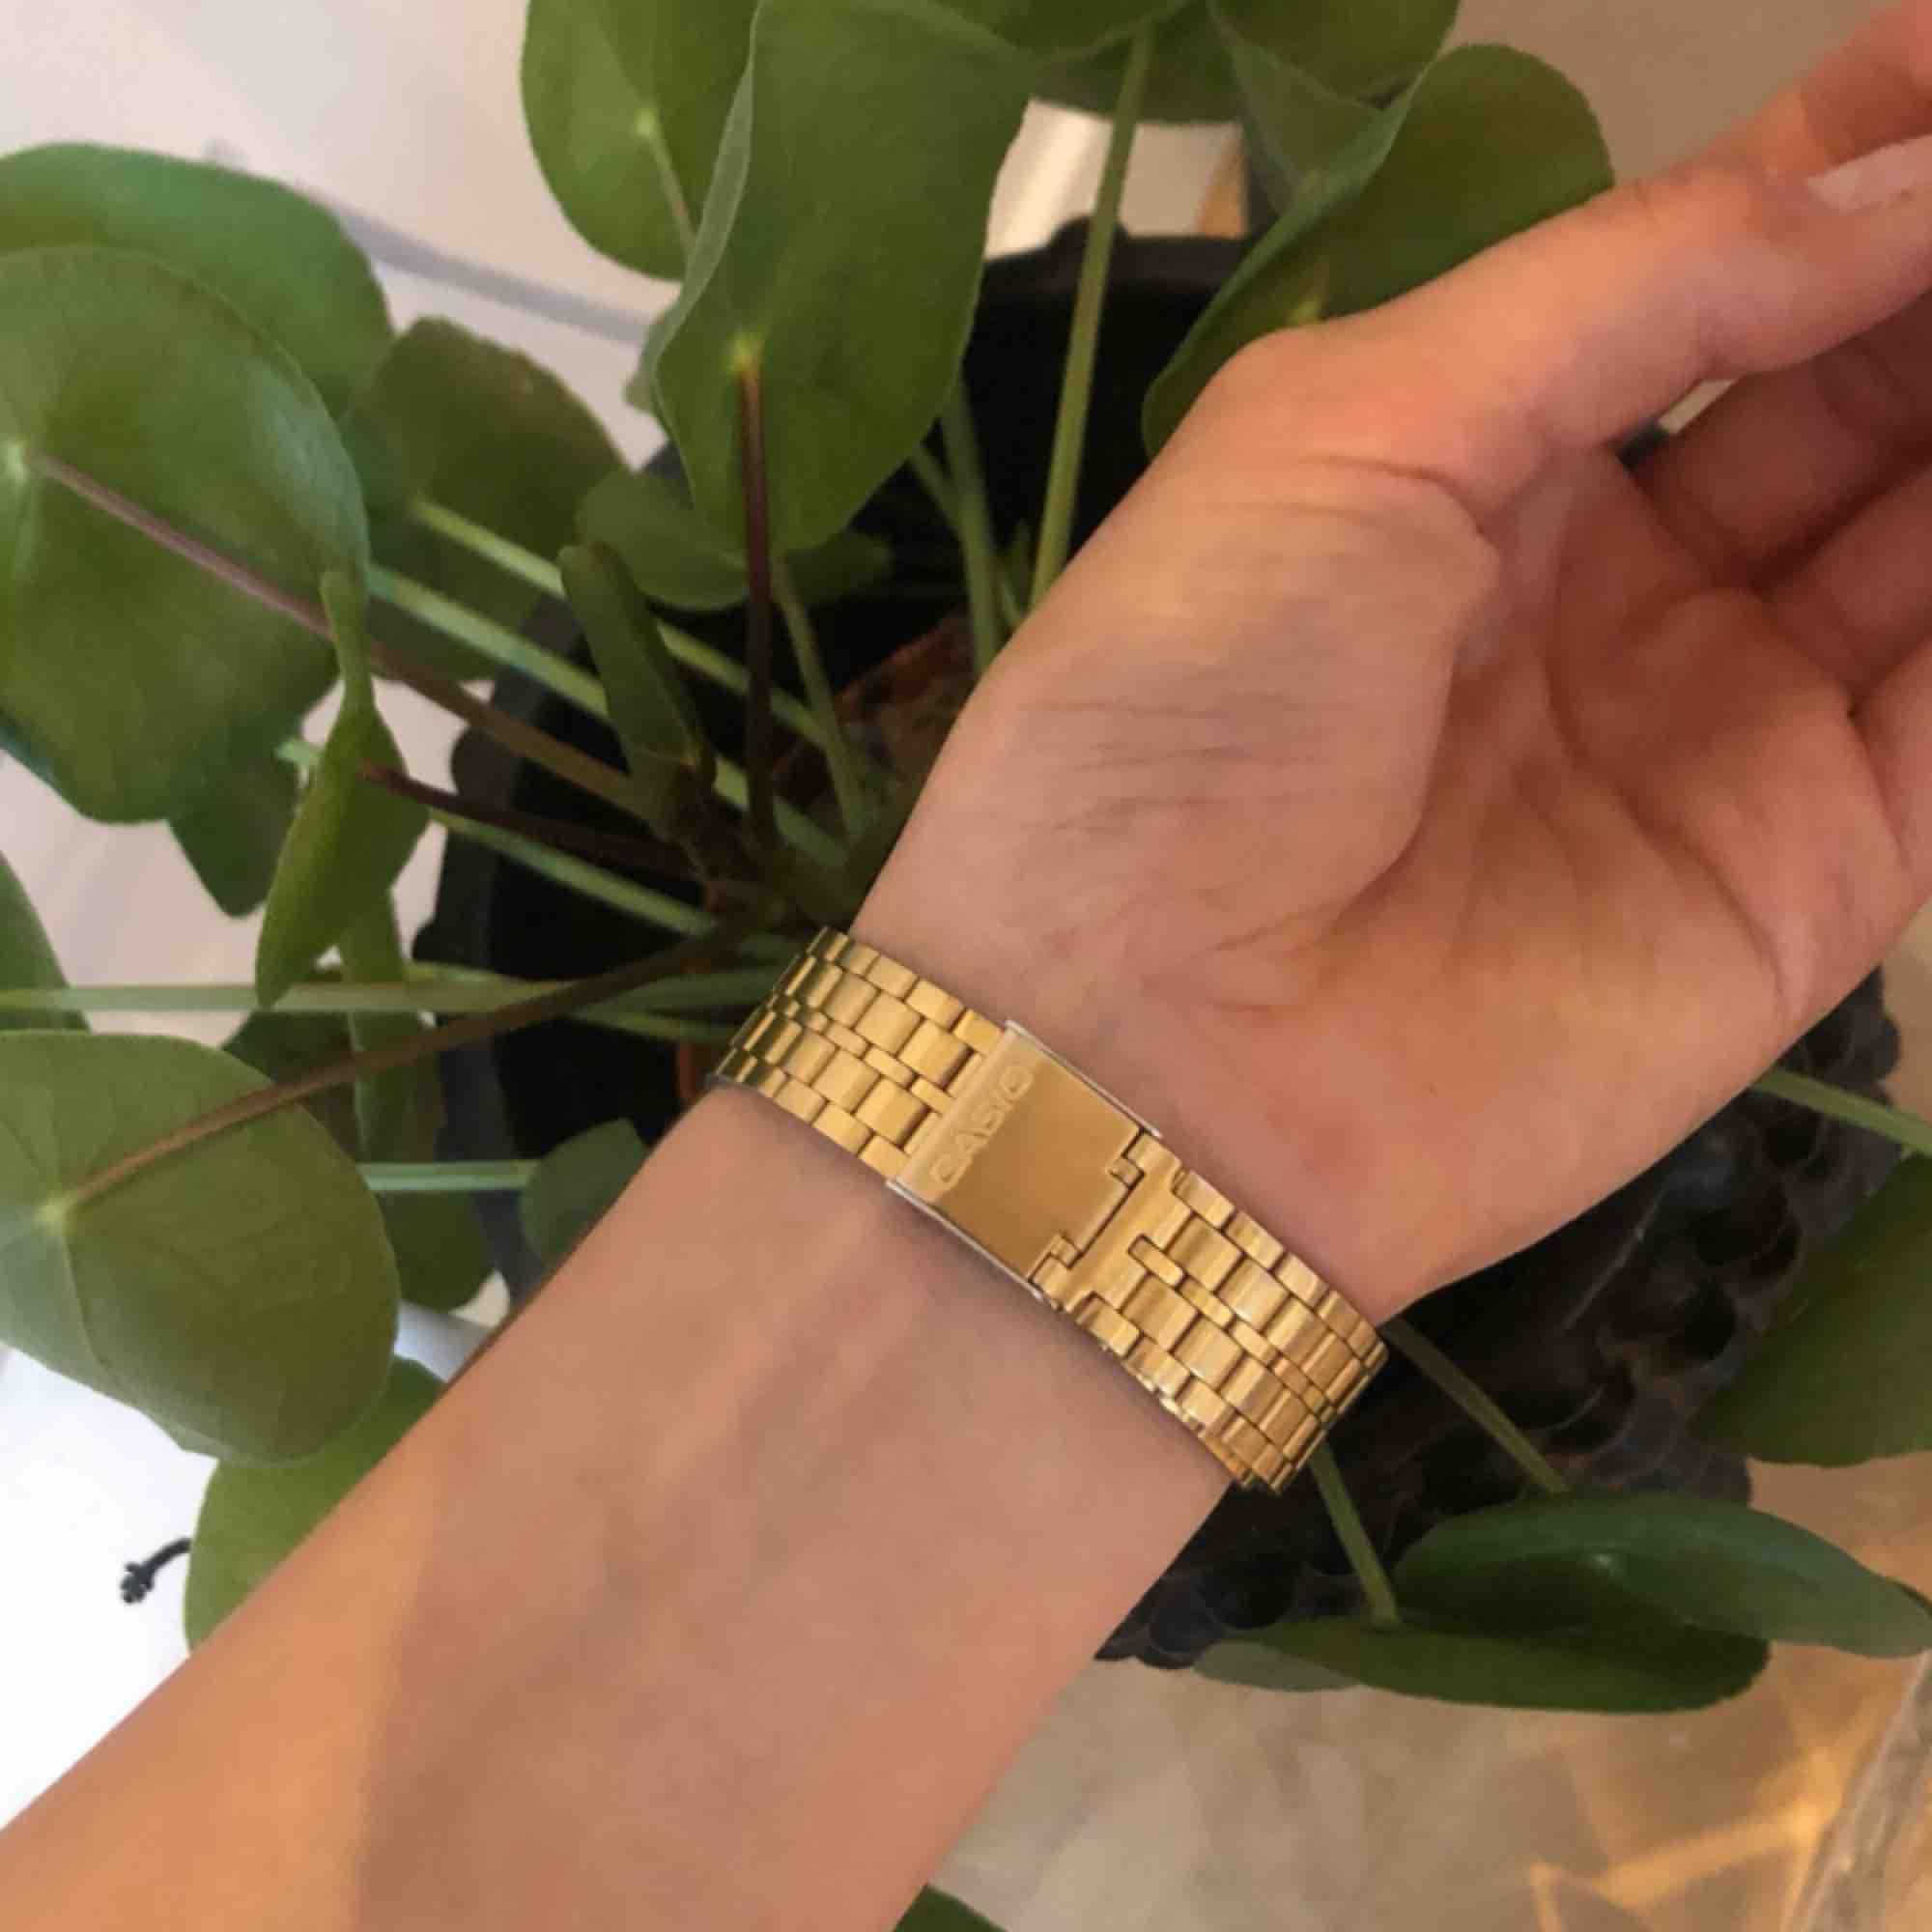 Gold Casio watch / Guld Casio digitalklocka. Accessoarer.